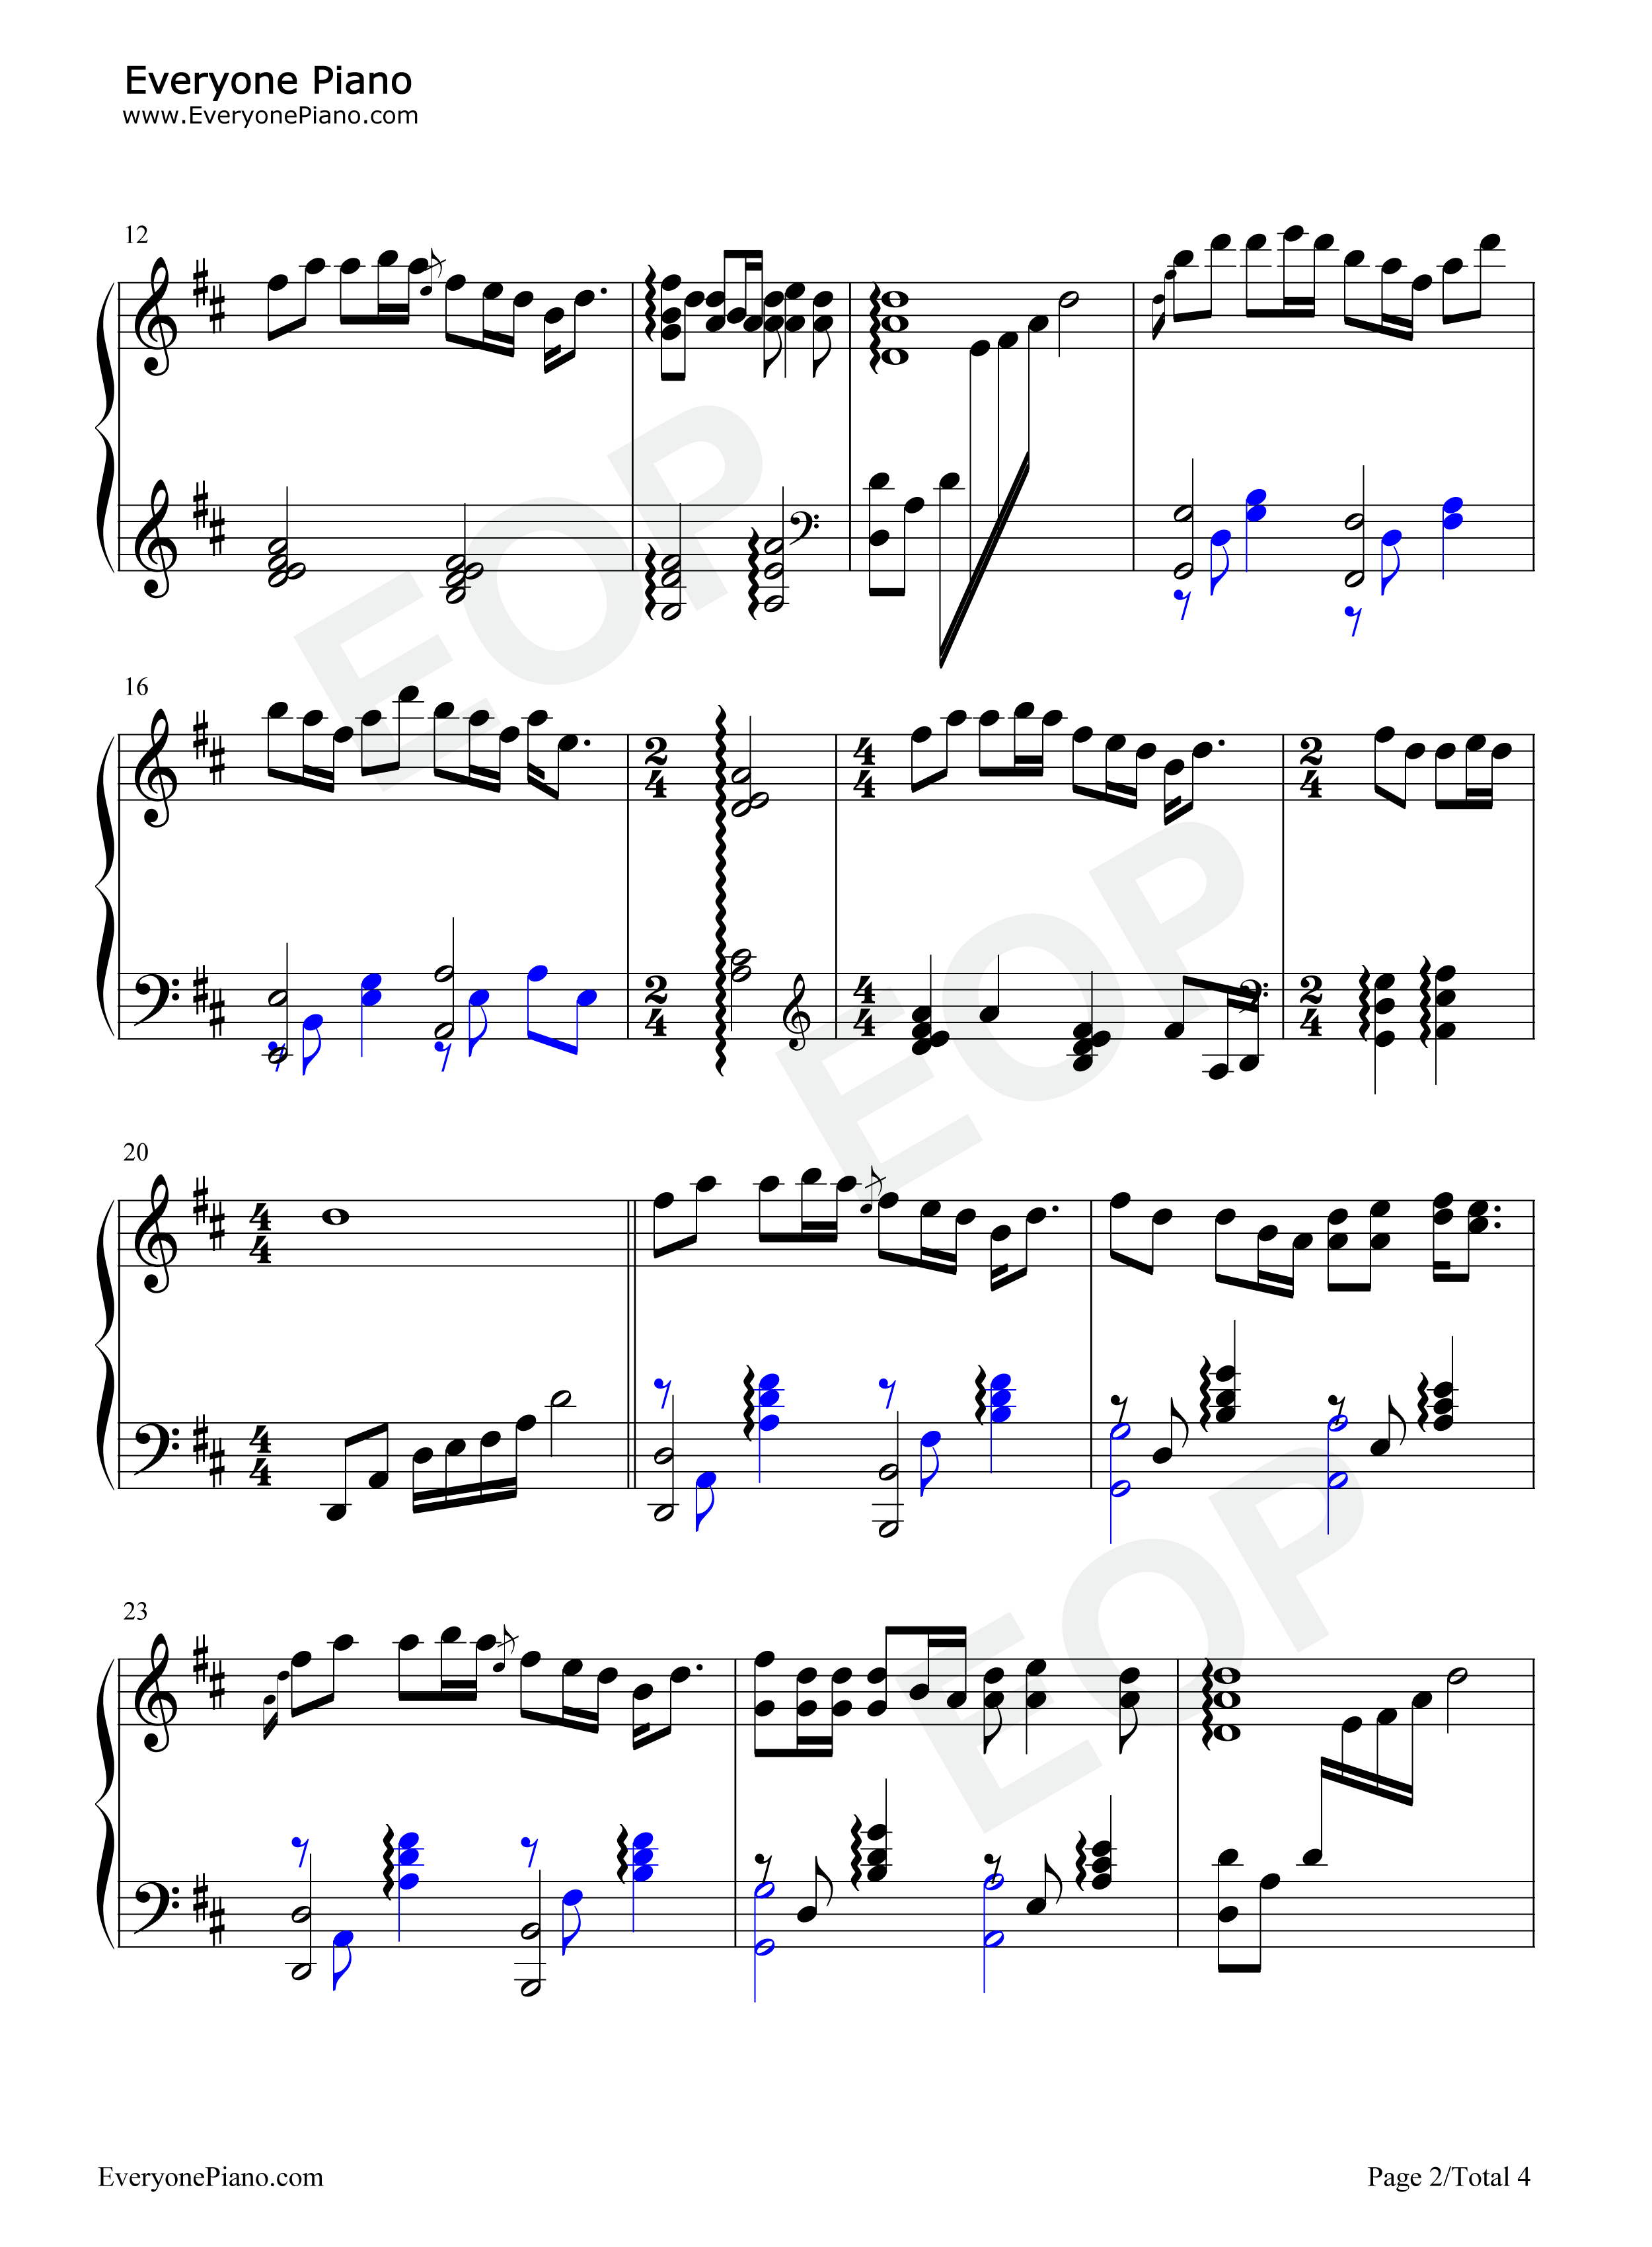 钢琴曲谱 流行 蝴蝶泉边-黄雅莉 蝴蝶泉边-黄雅莉五线谱预览2  }